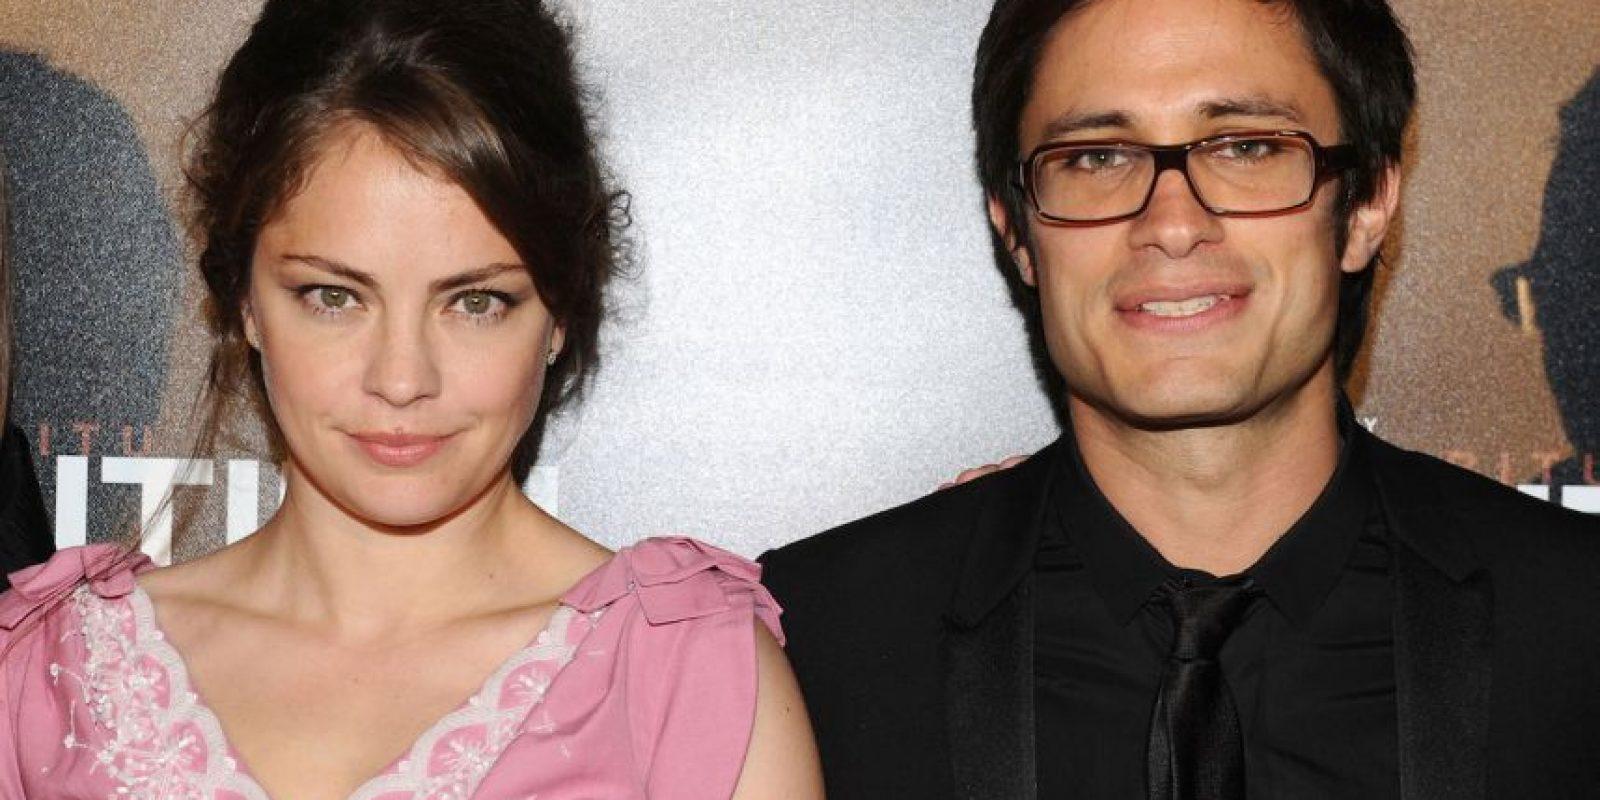 En 2008 inició una relación con el actor mexicano, Gael García Bernal, misma que concluyó en 2014. Foto:Getty Images